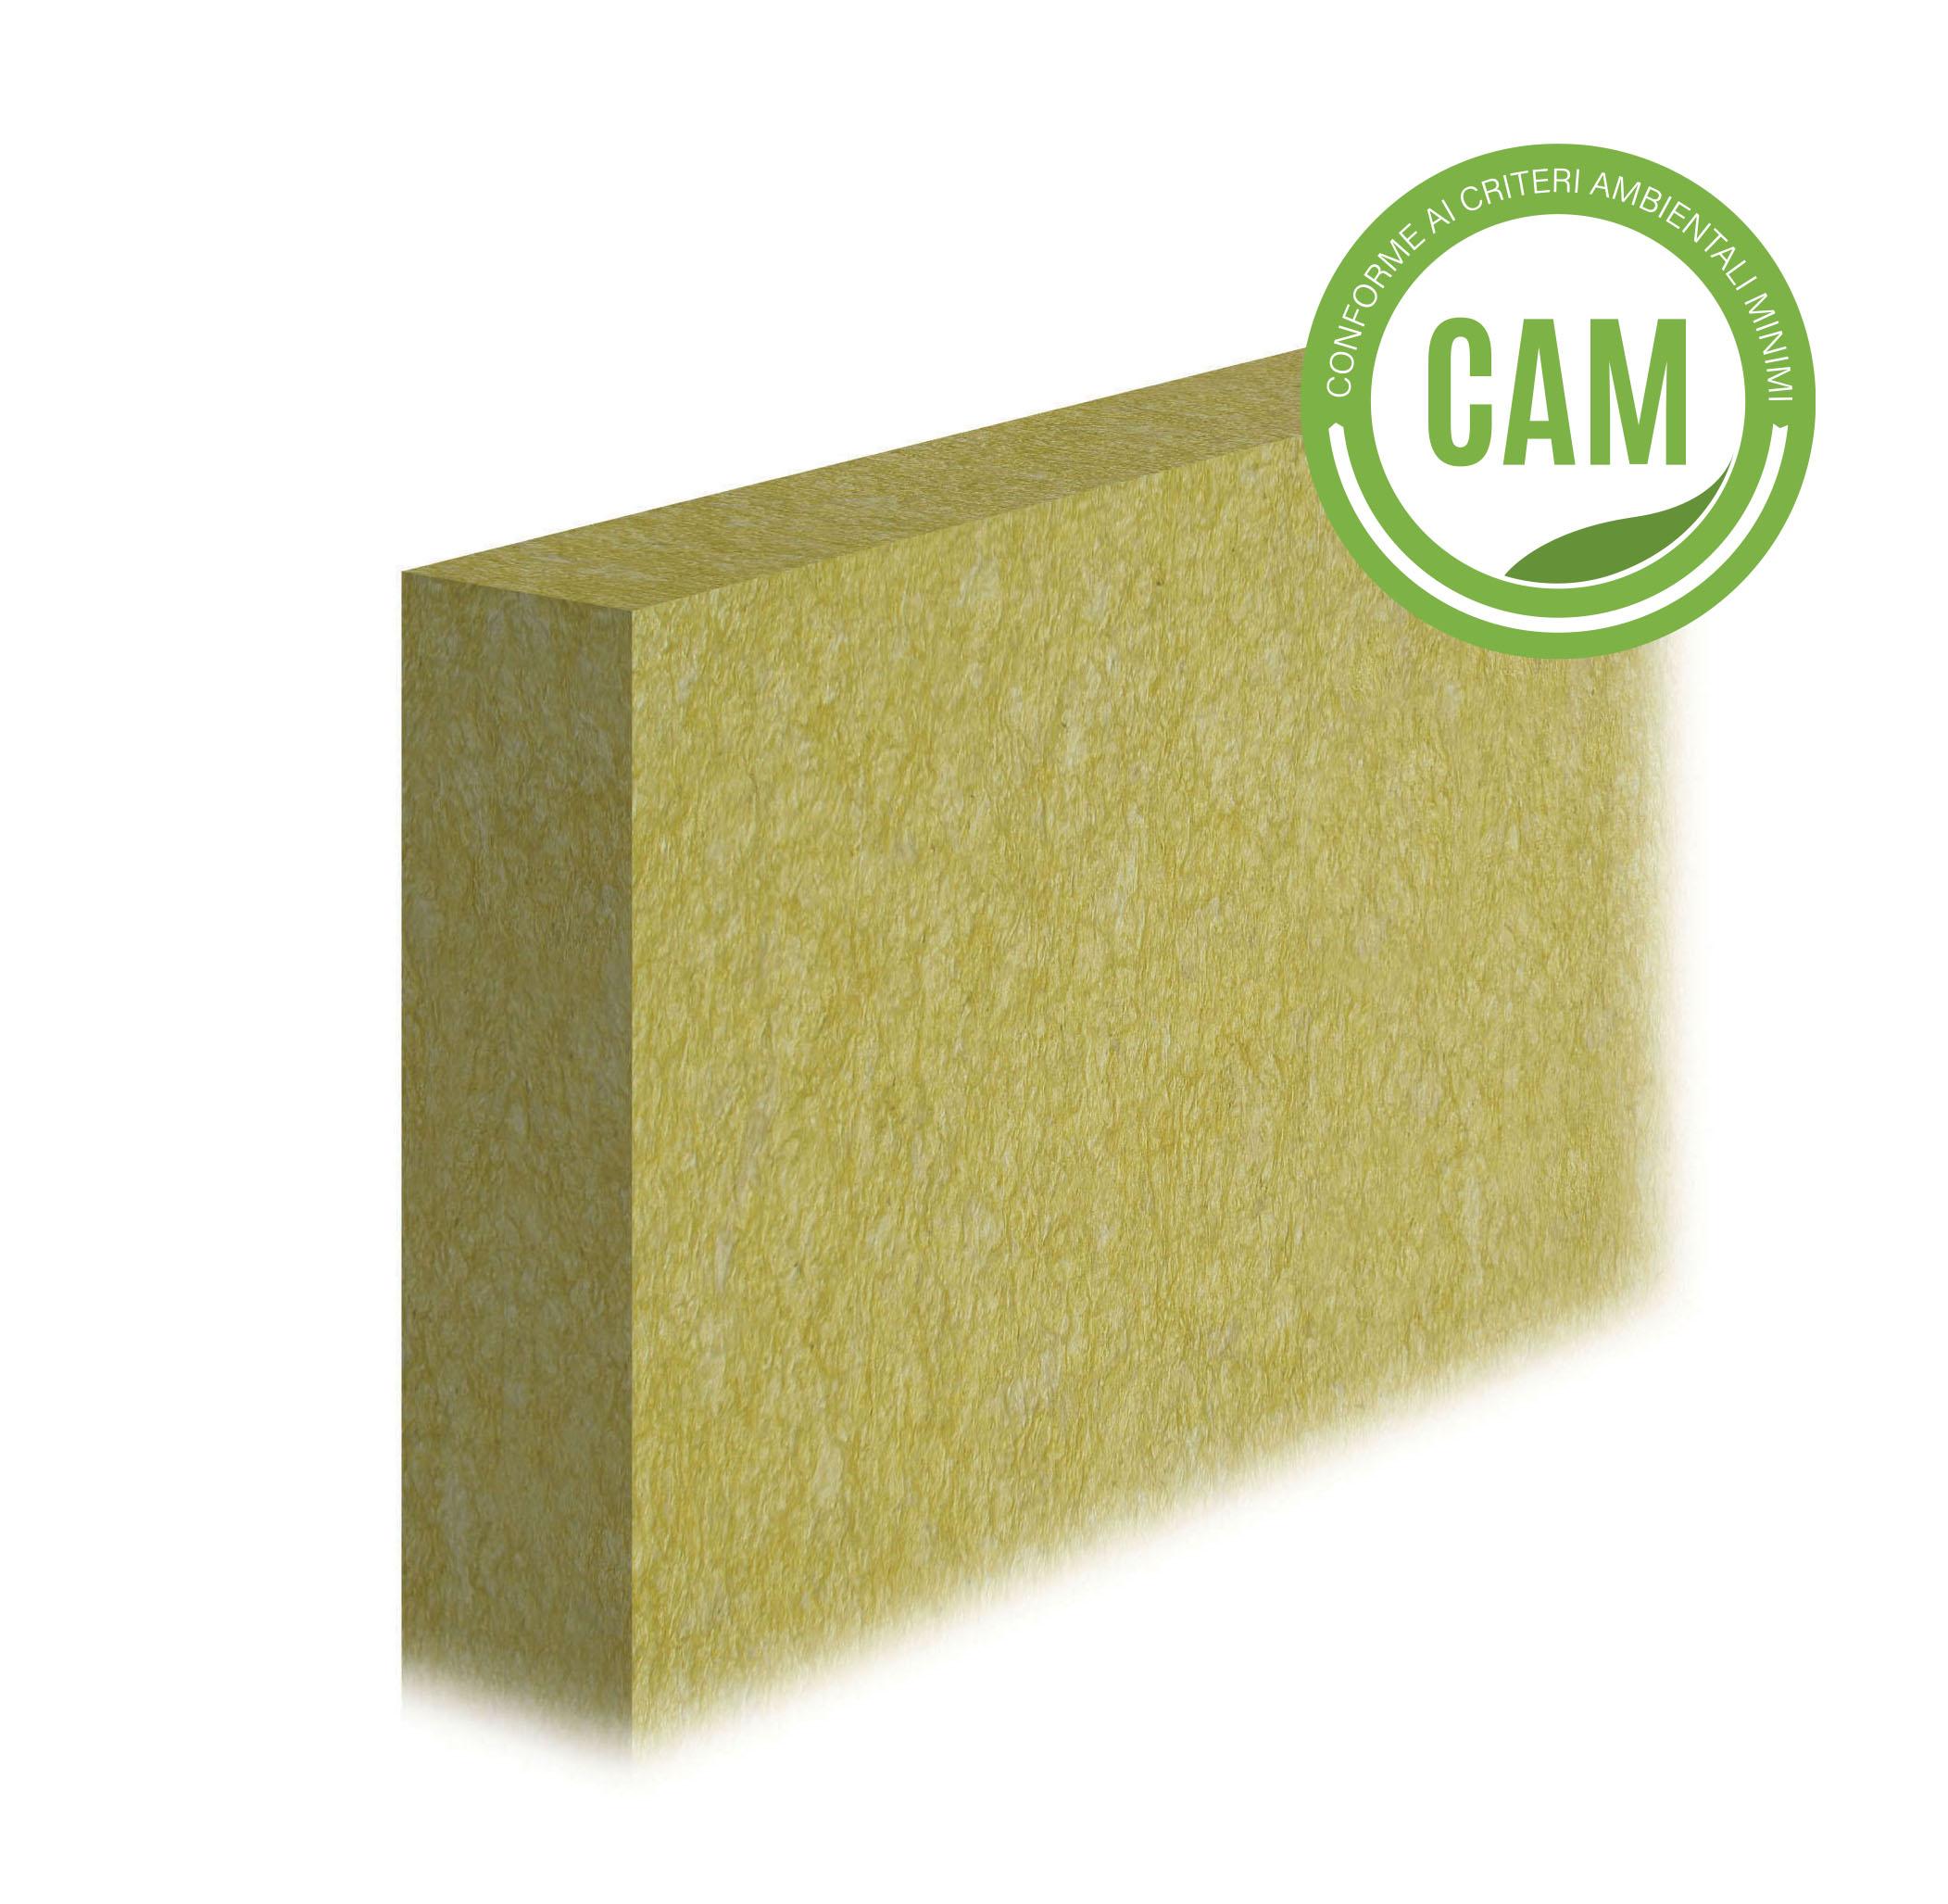 LASTRA ISOLANTE IN LANA DI ROCCIA 034: Lastra per isolamento termico in lana di roccia con conducibilità termica 0,034 W/(m·K)